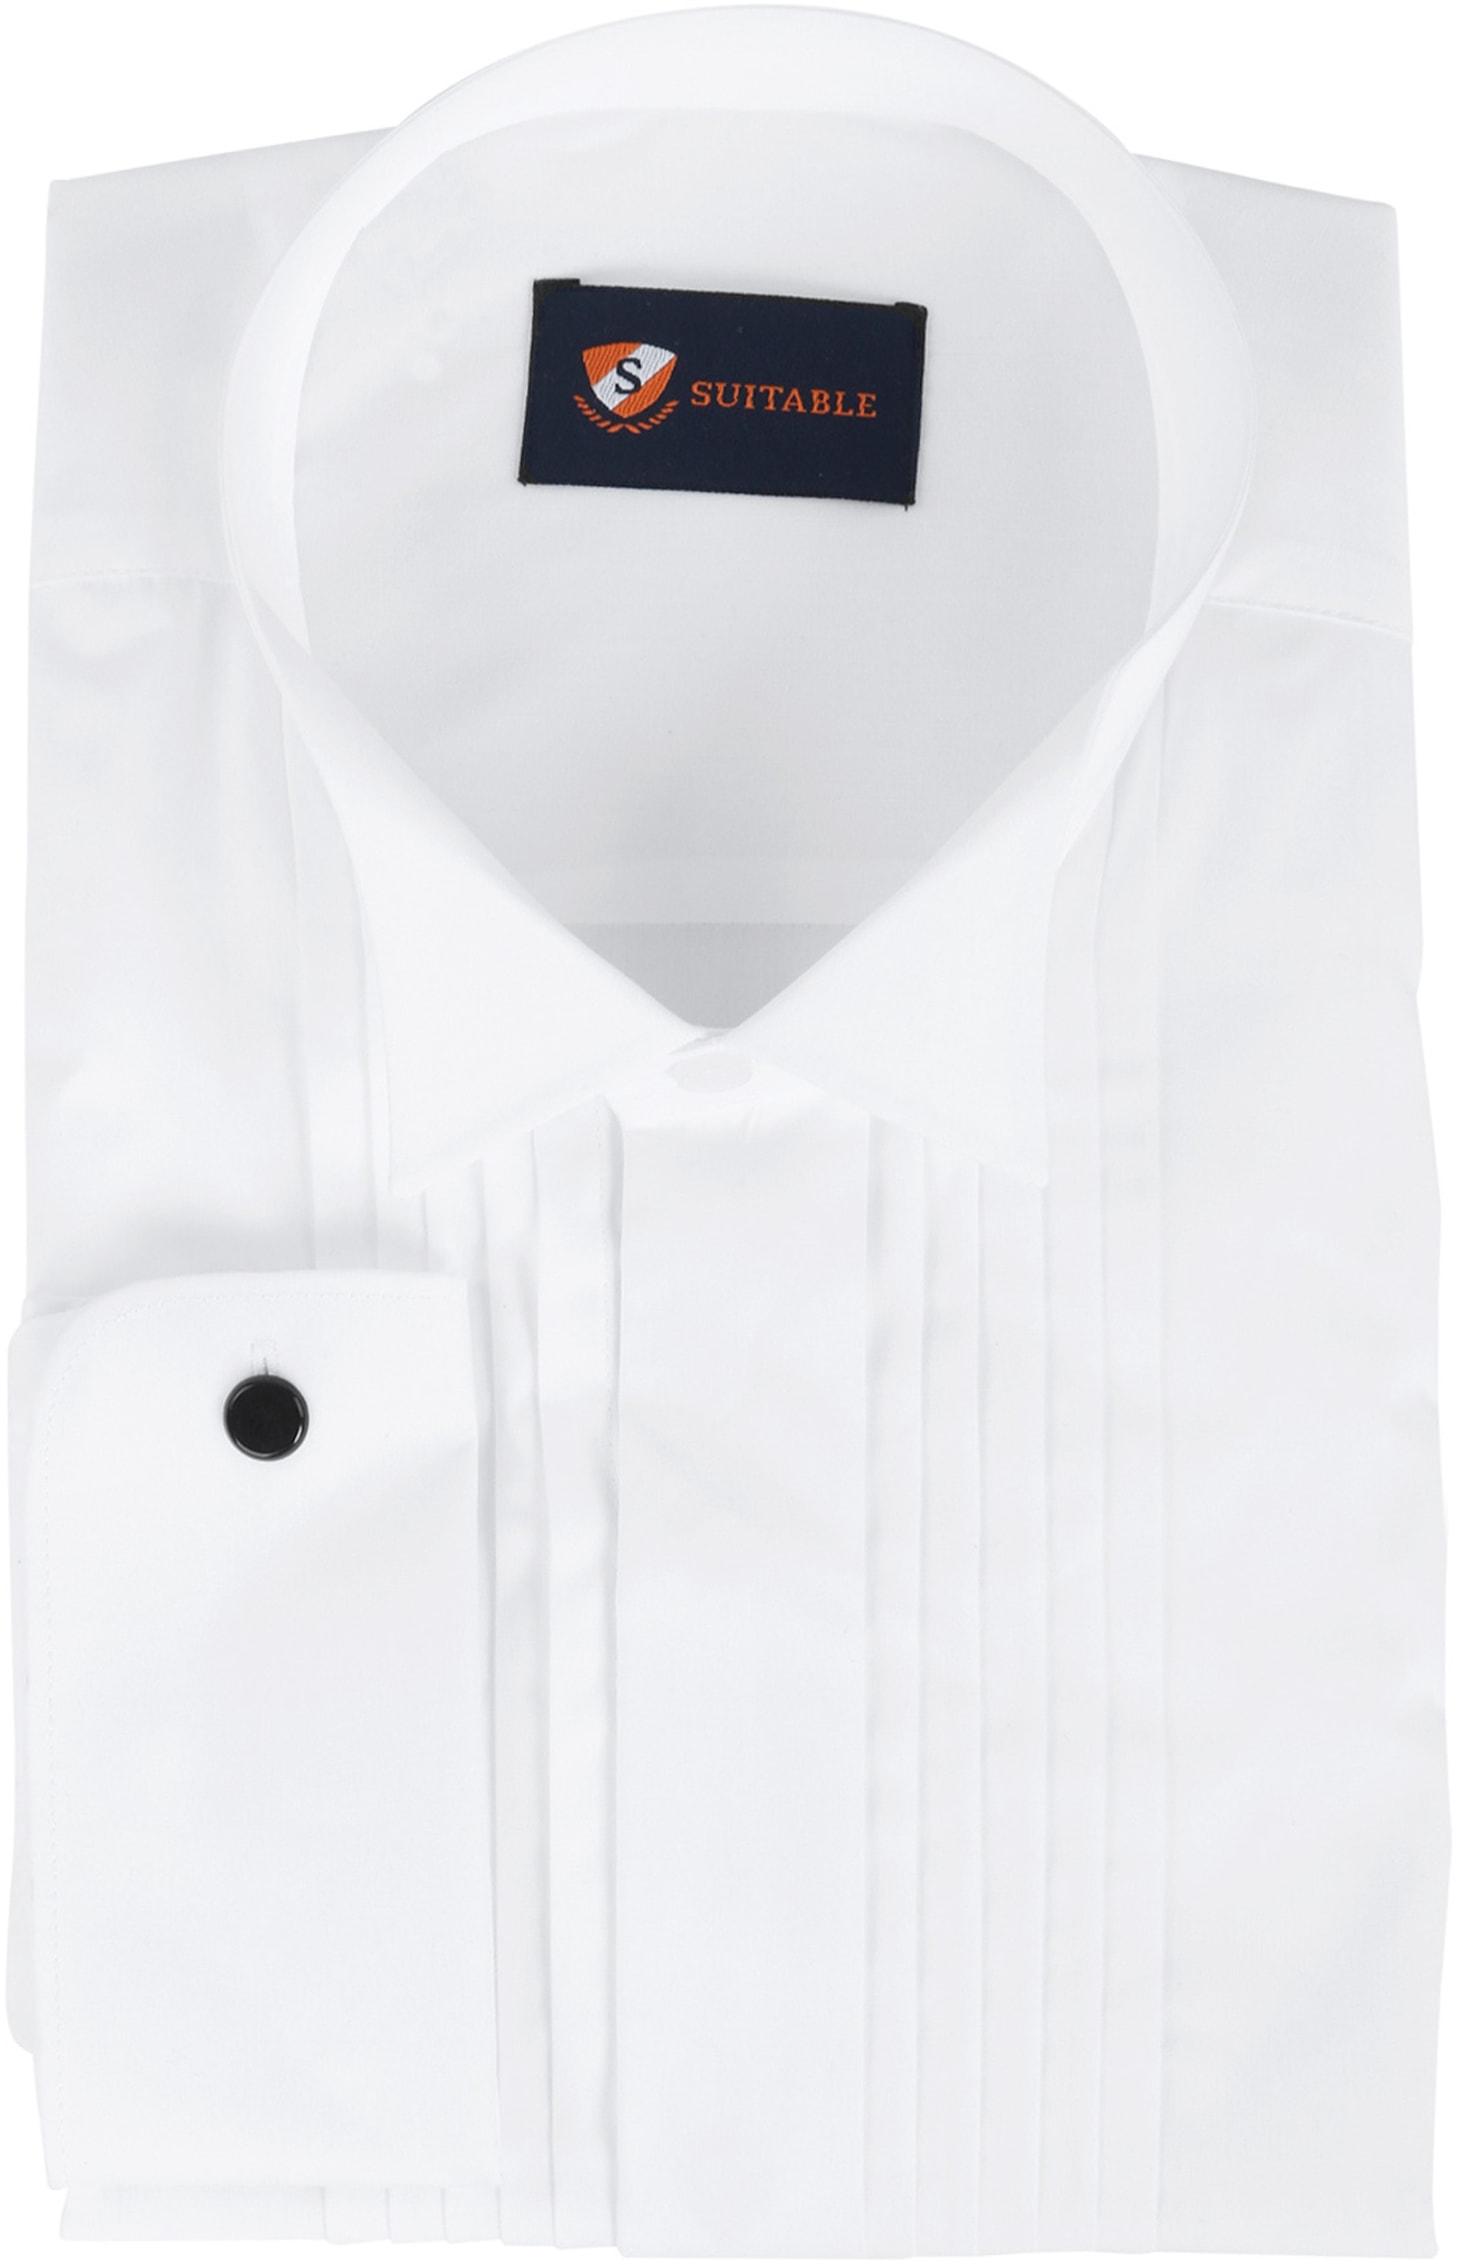 Wit overhemd voor een bruiloft, onder een smoking